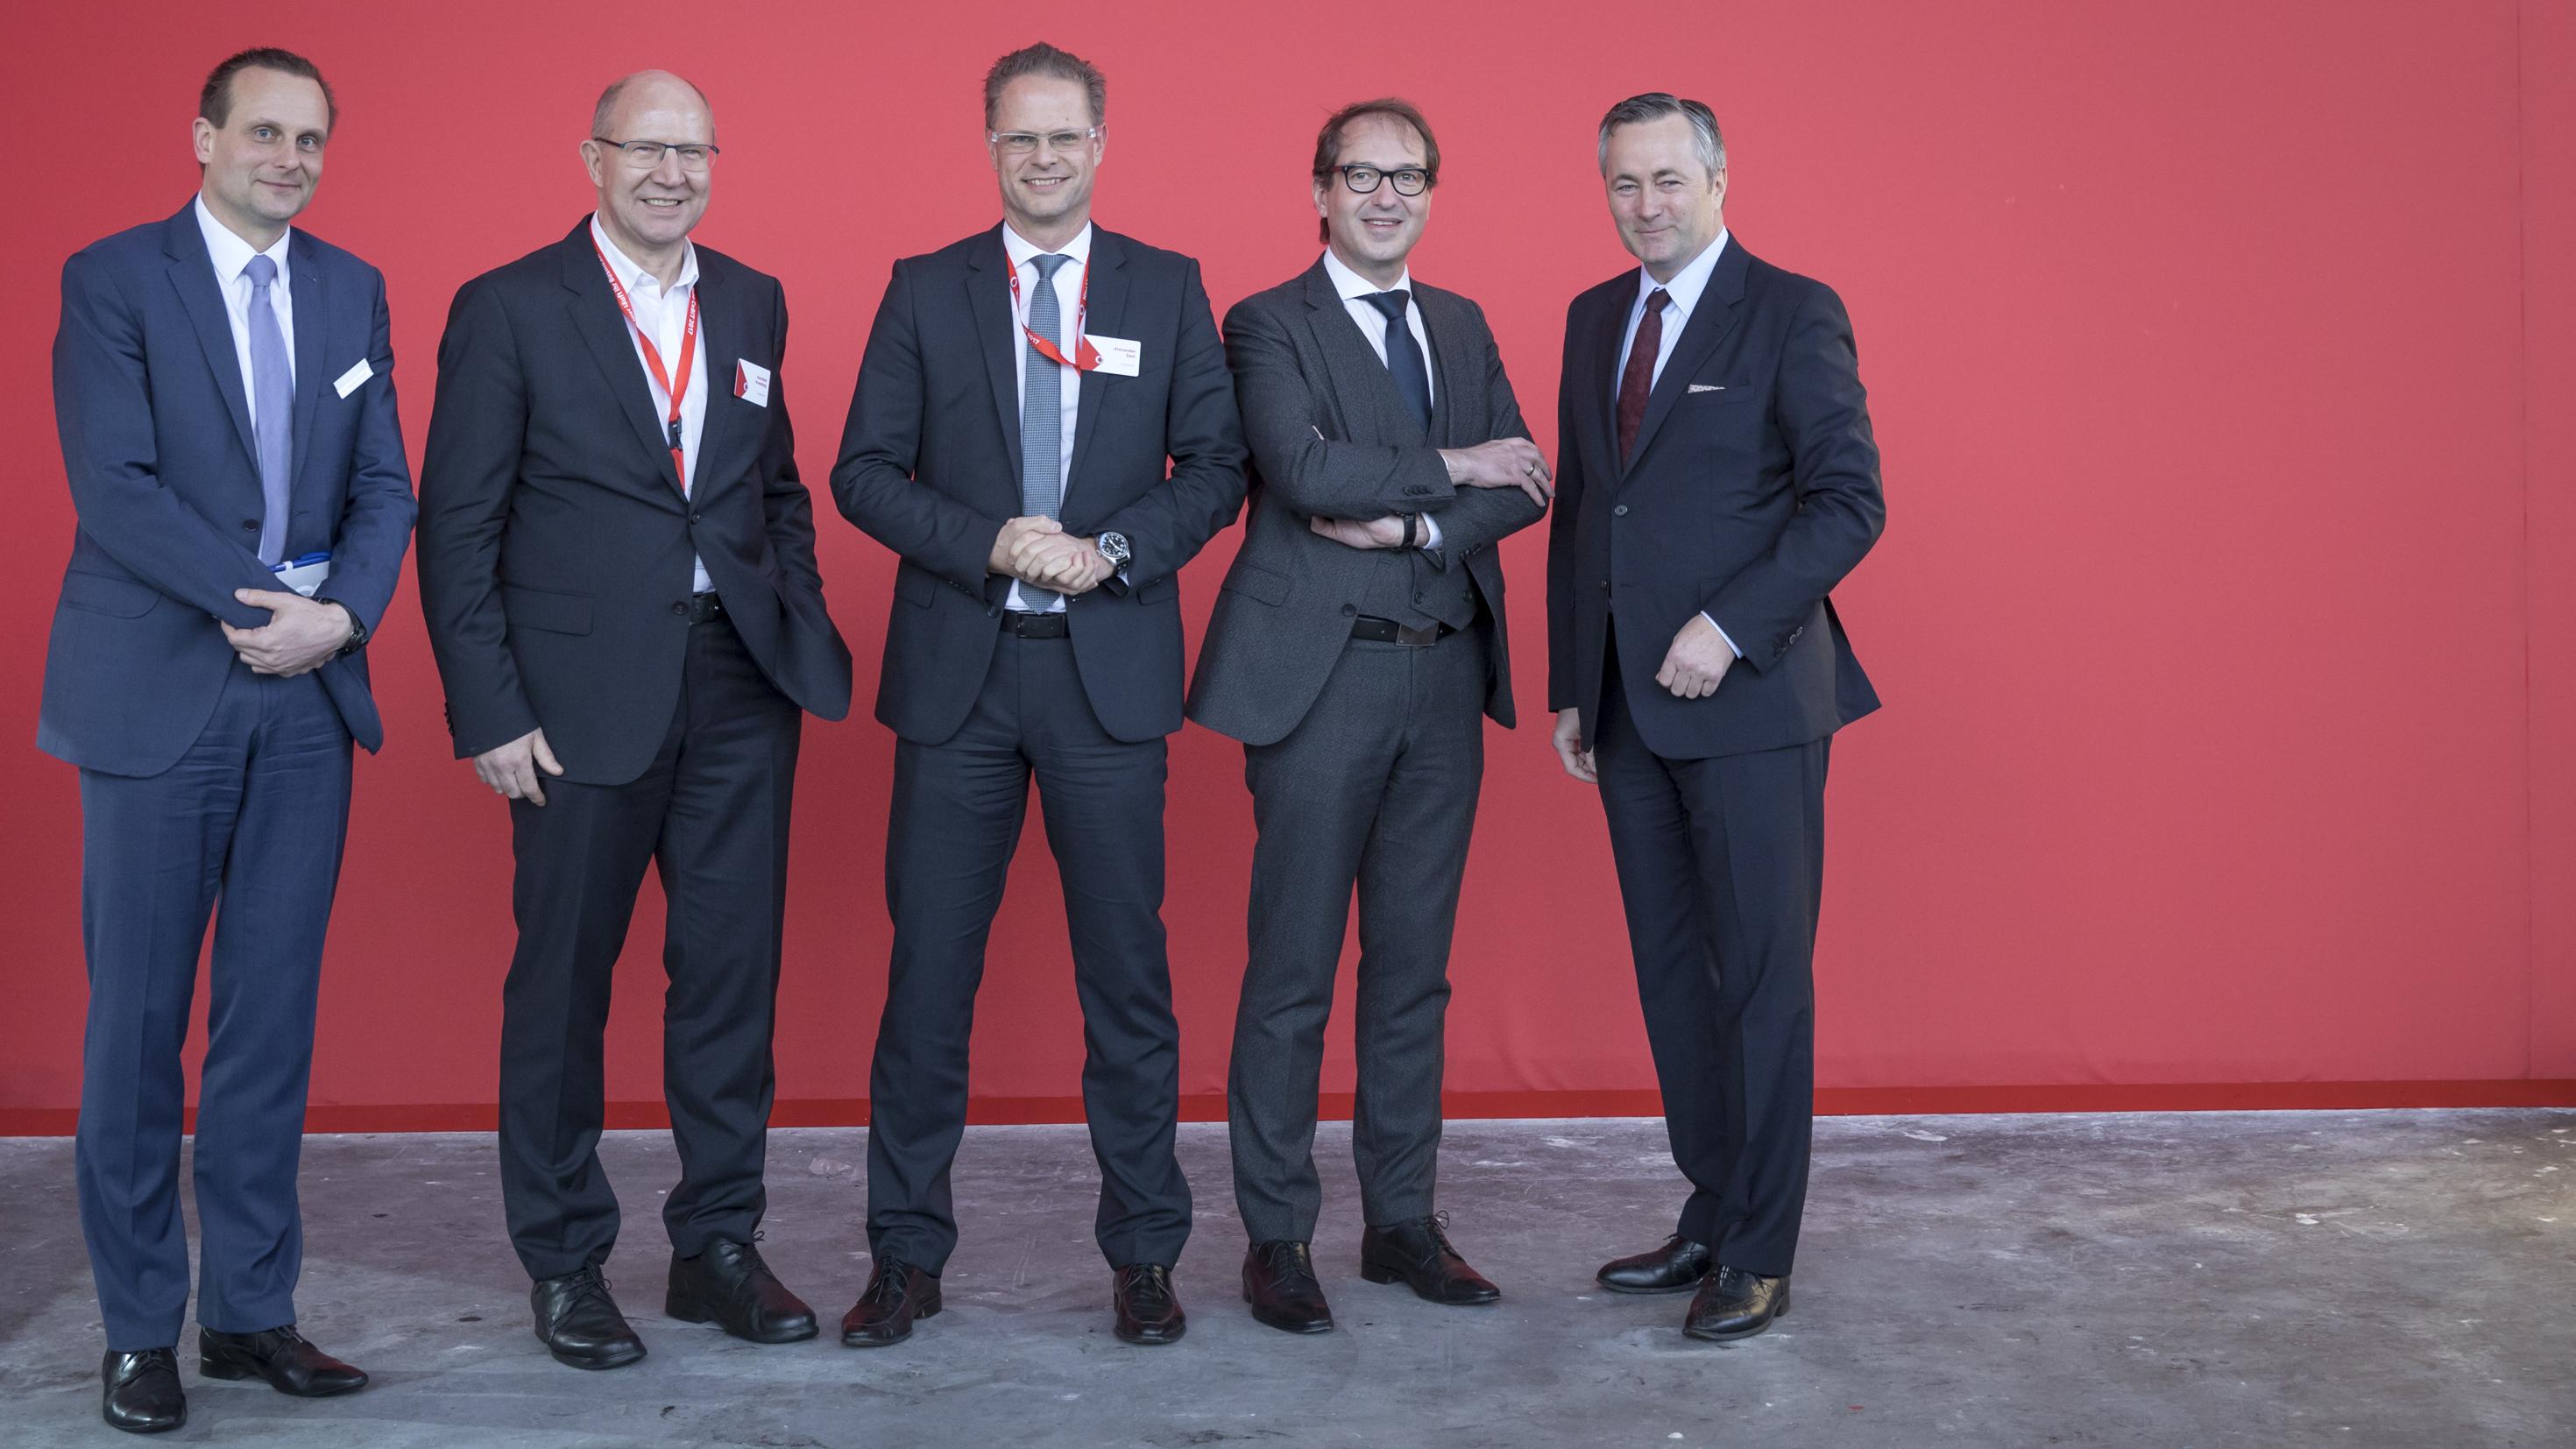 Alexander Dobrindt (Bundesminister für Verkehr und digitale Infrastruktur) besucht am 20/03/2017 Vodafone auf der Computermesse CeBIT in Hannover.